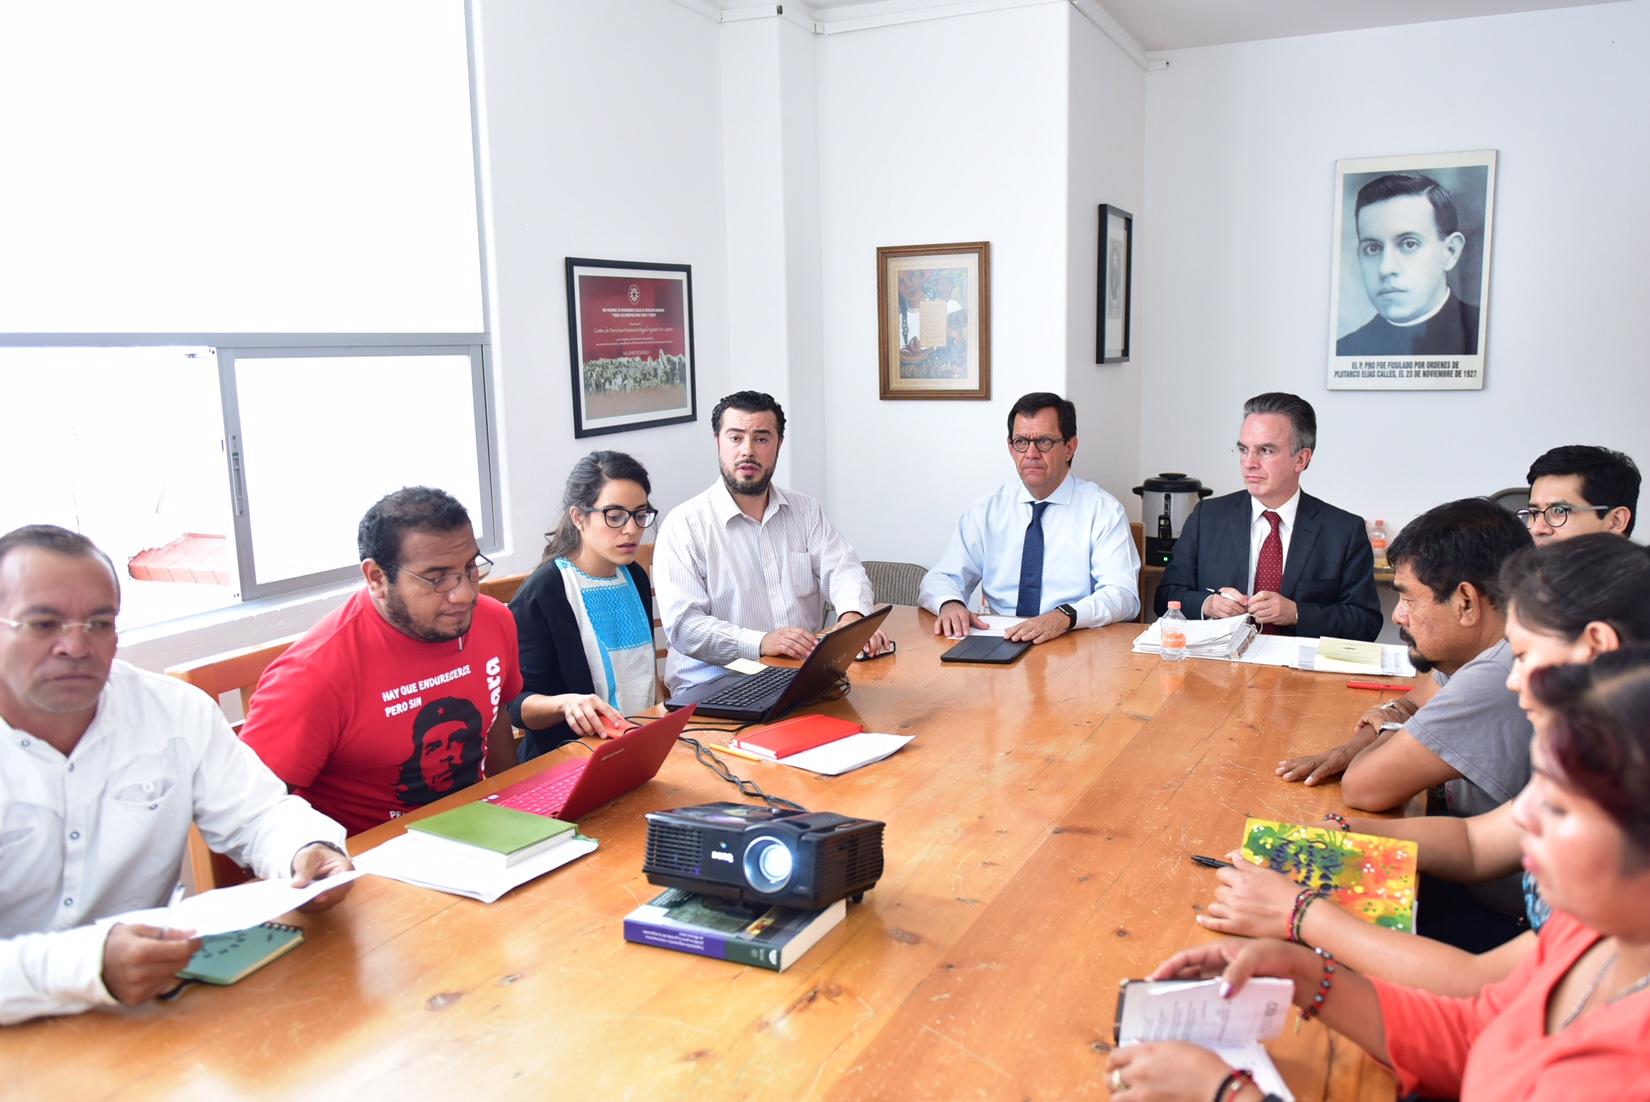 El subsecretario de Derechos Humanos, Roberto Campa Cifrián, junto con funcionarios de la PGR y SRE se reunieron con madres y padres de los estudiantes desaparecidos de la Normal Rural Raúl Isidro Burgos